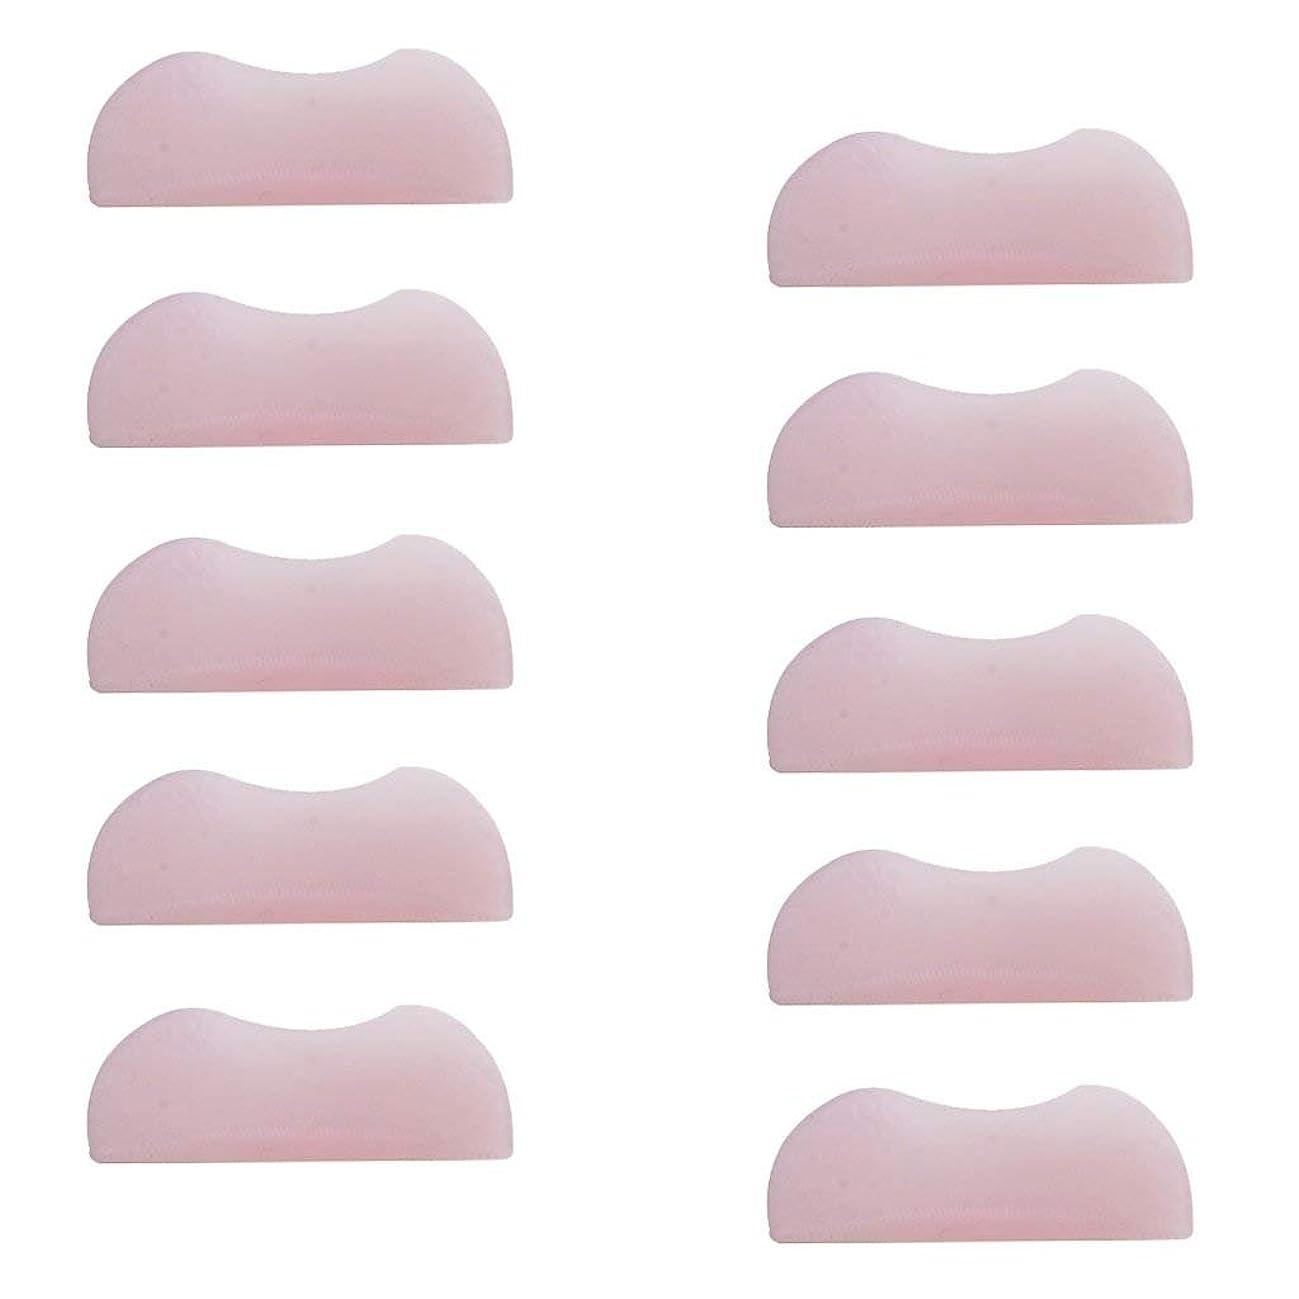 コストうぬぼれたバングラデシュ5組 シリコンのまつげパッド まつげ美容用のまつげパーツキット